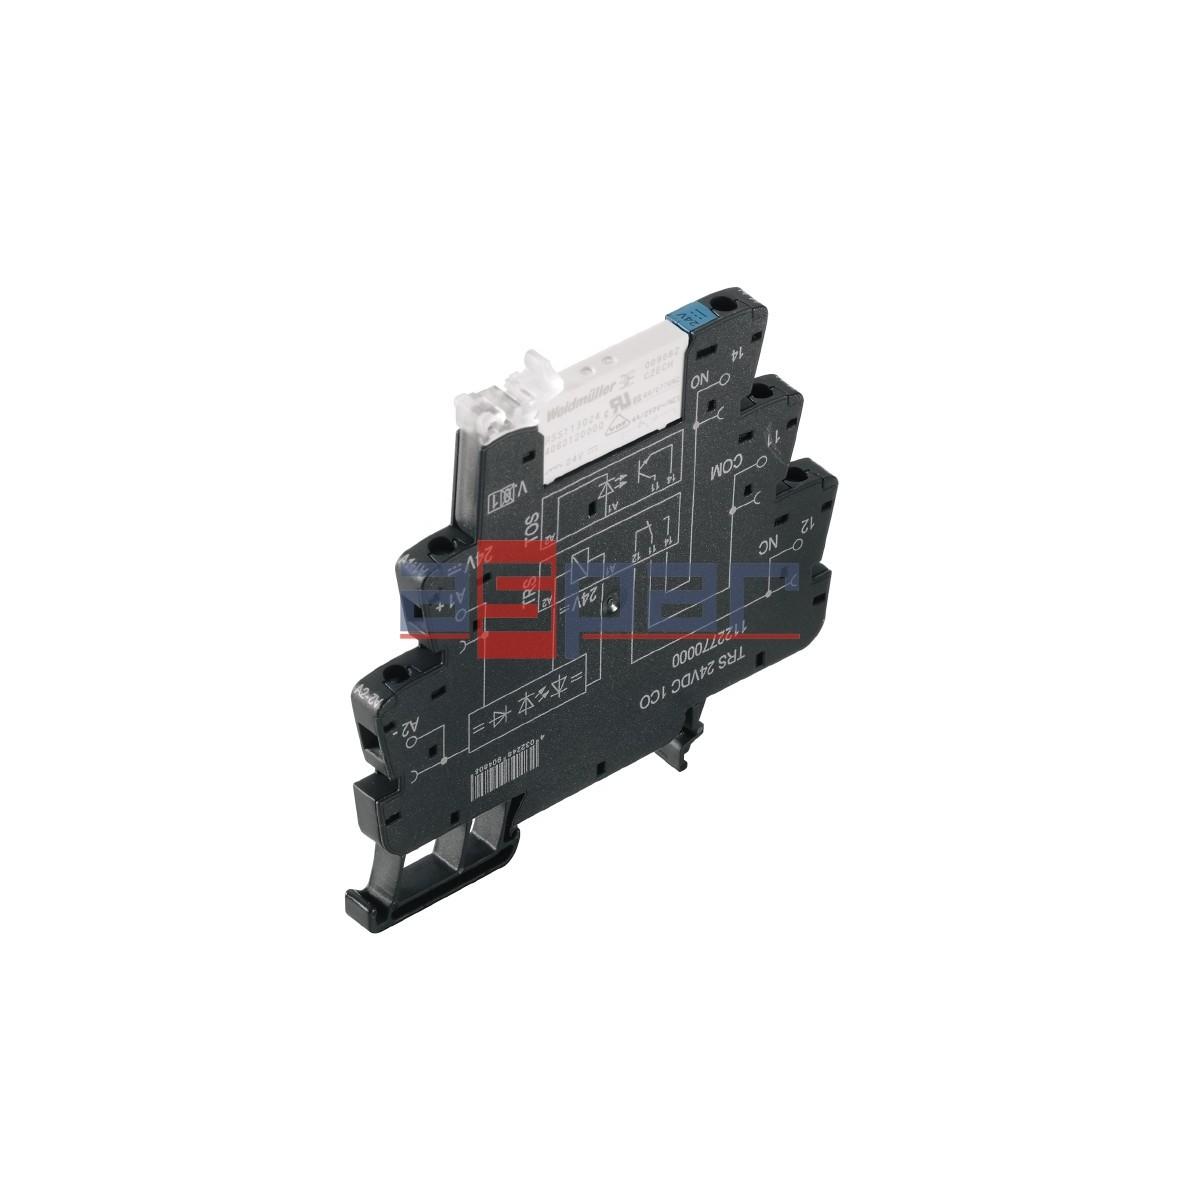 Relay, TRS 24VDC 1CO - 1122770000, 1CO, 6A, 24VDC